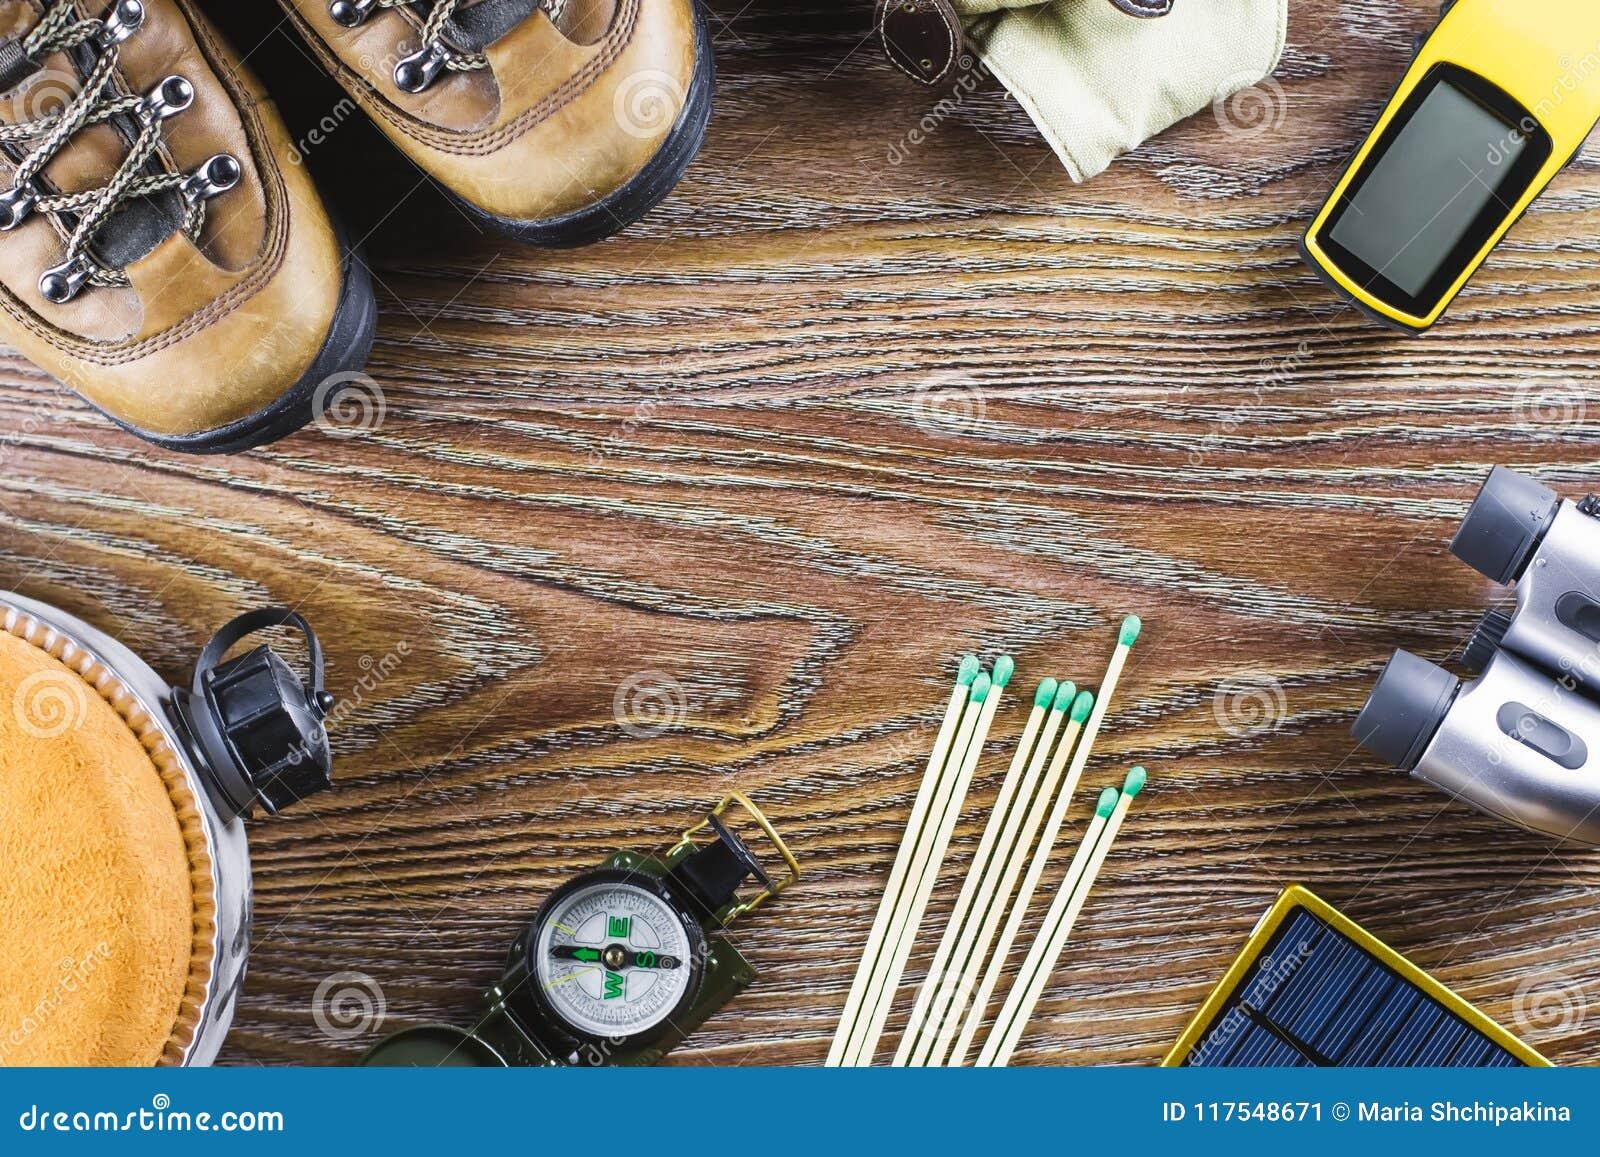 Wandern oder reisezubehör mit stiefeln kompass ferngläser match